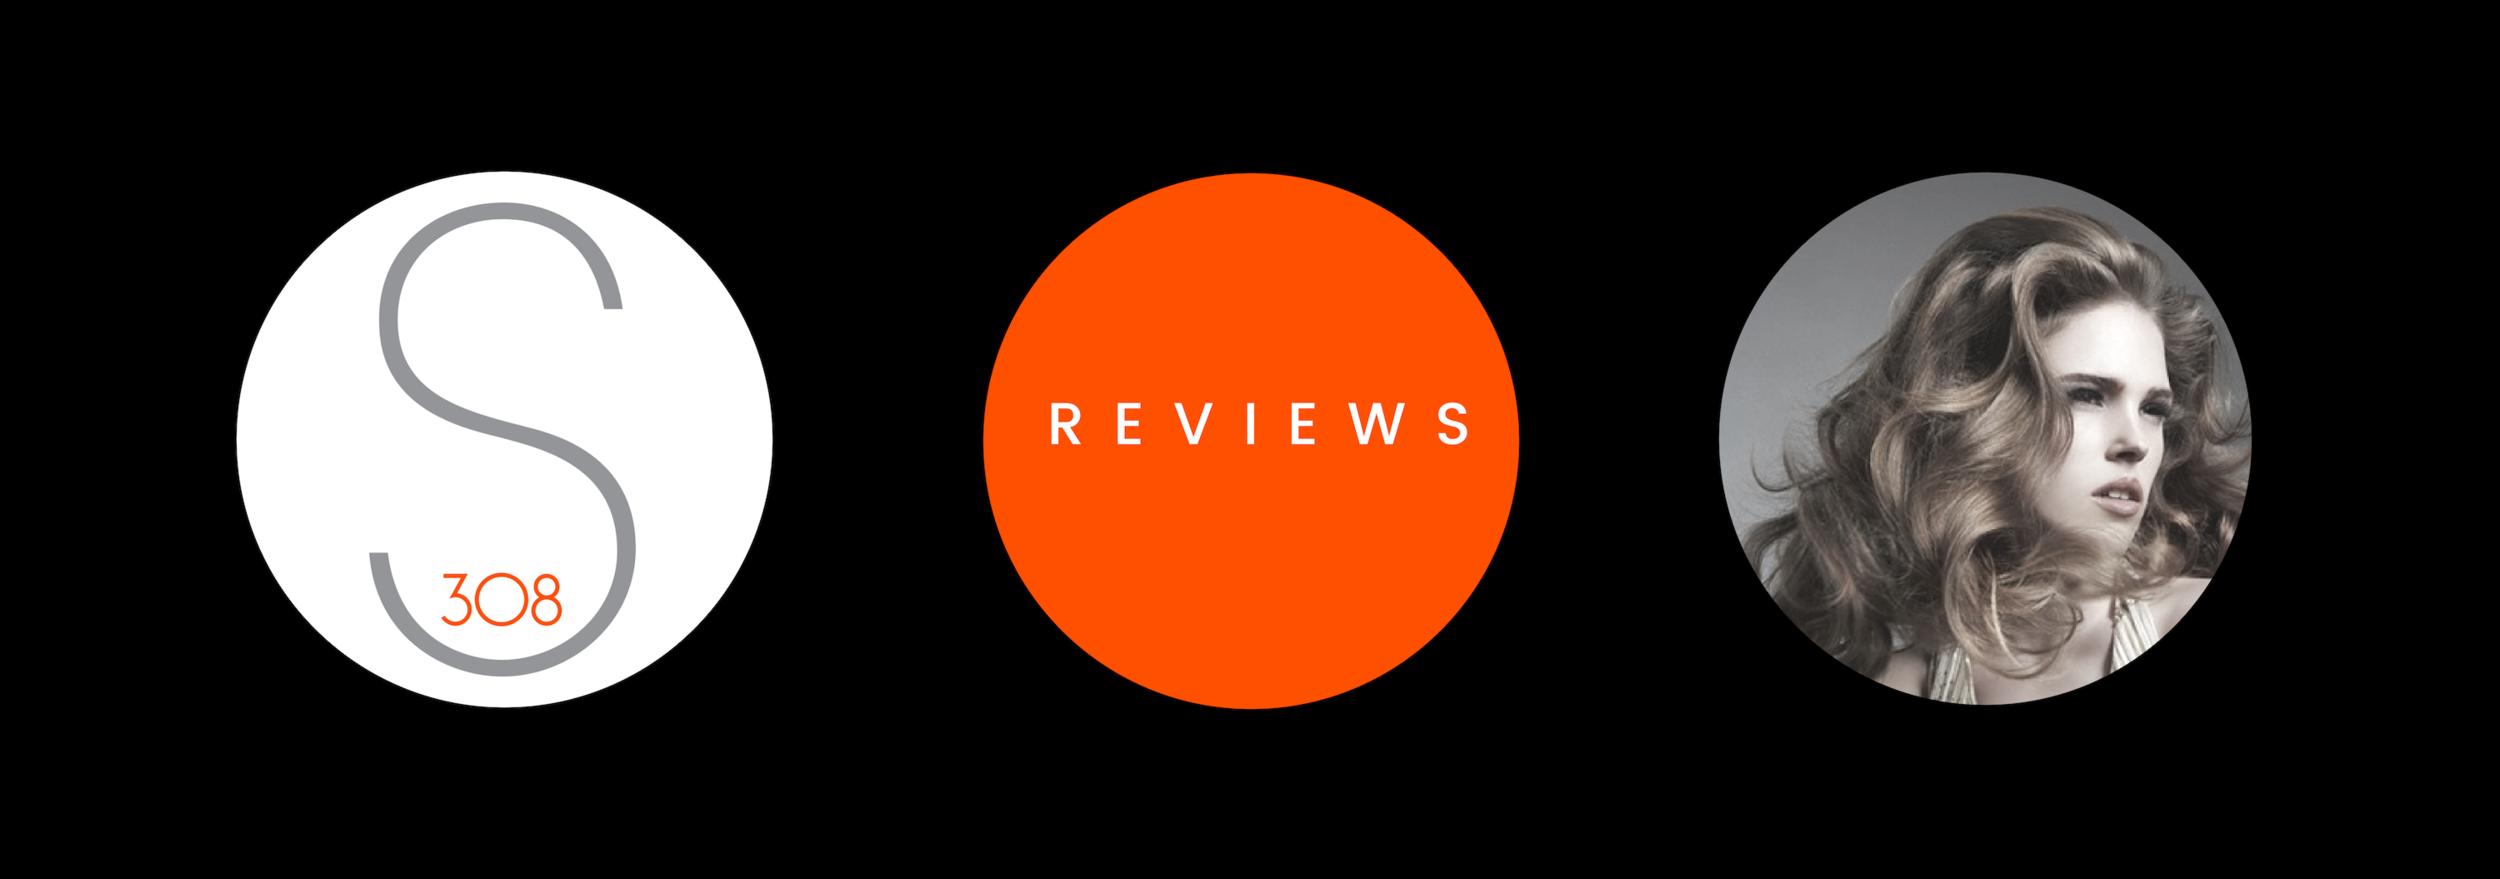 Salon 308 - reviews.png